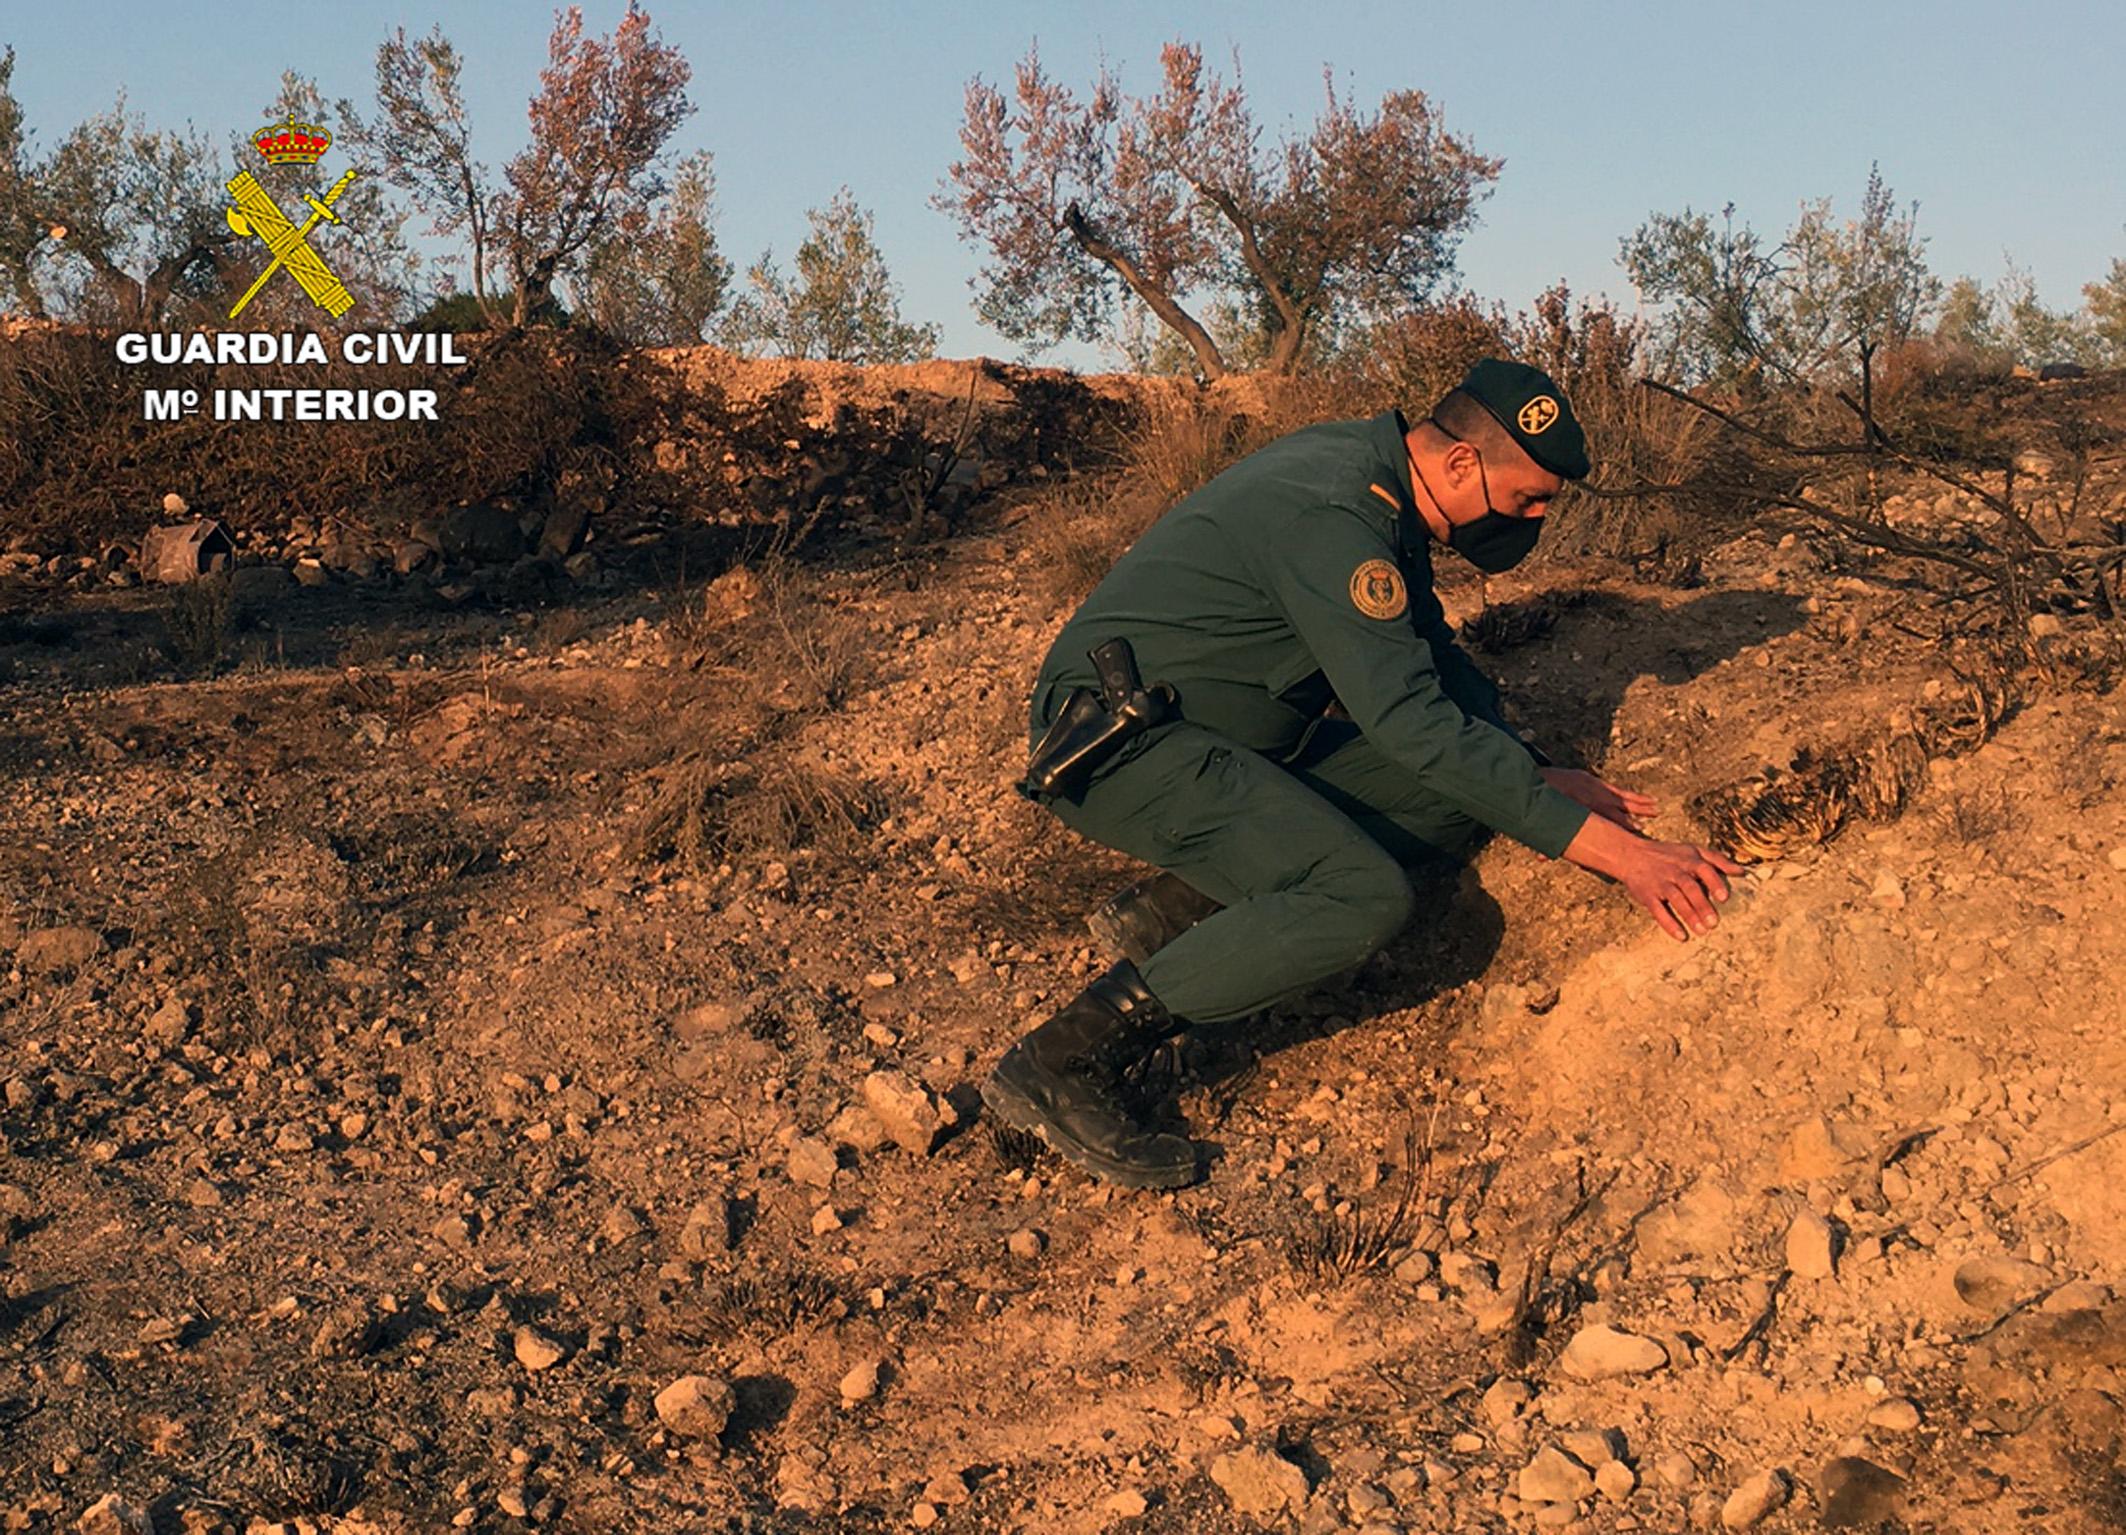 Investigando el incendio forestal en Barinas. Imagen: Guardia Civil